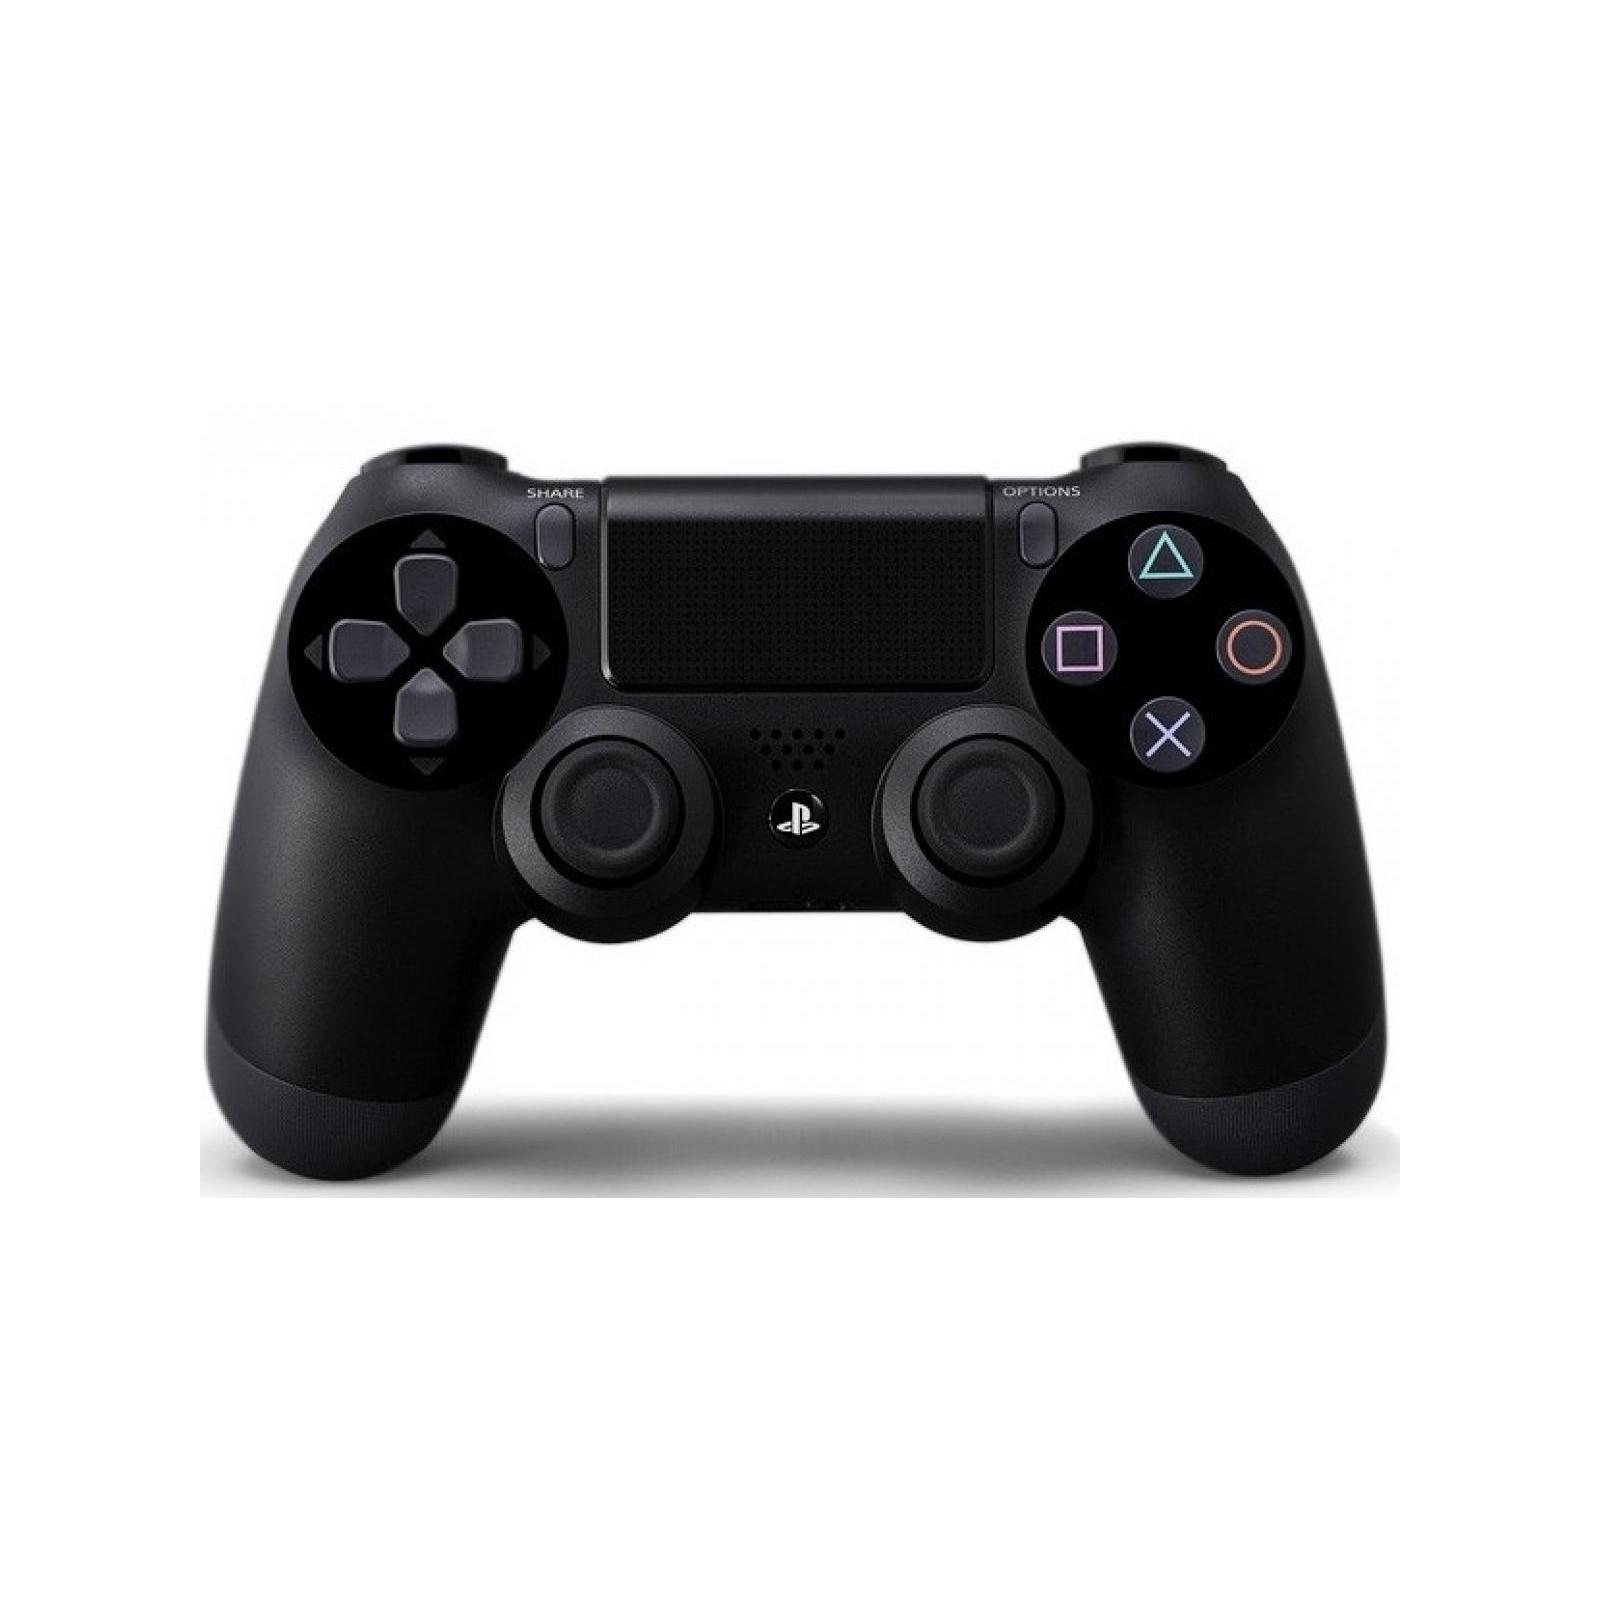 Игровая консоль Sony PlayStation 4 Slim 1Tb Black (God of War) (9385172) изображение 8